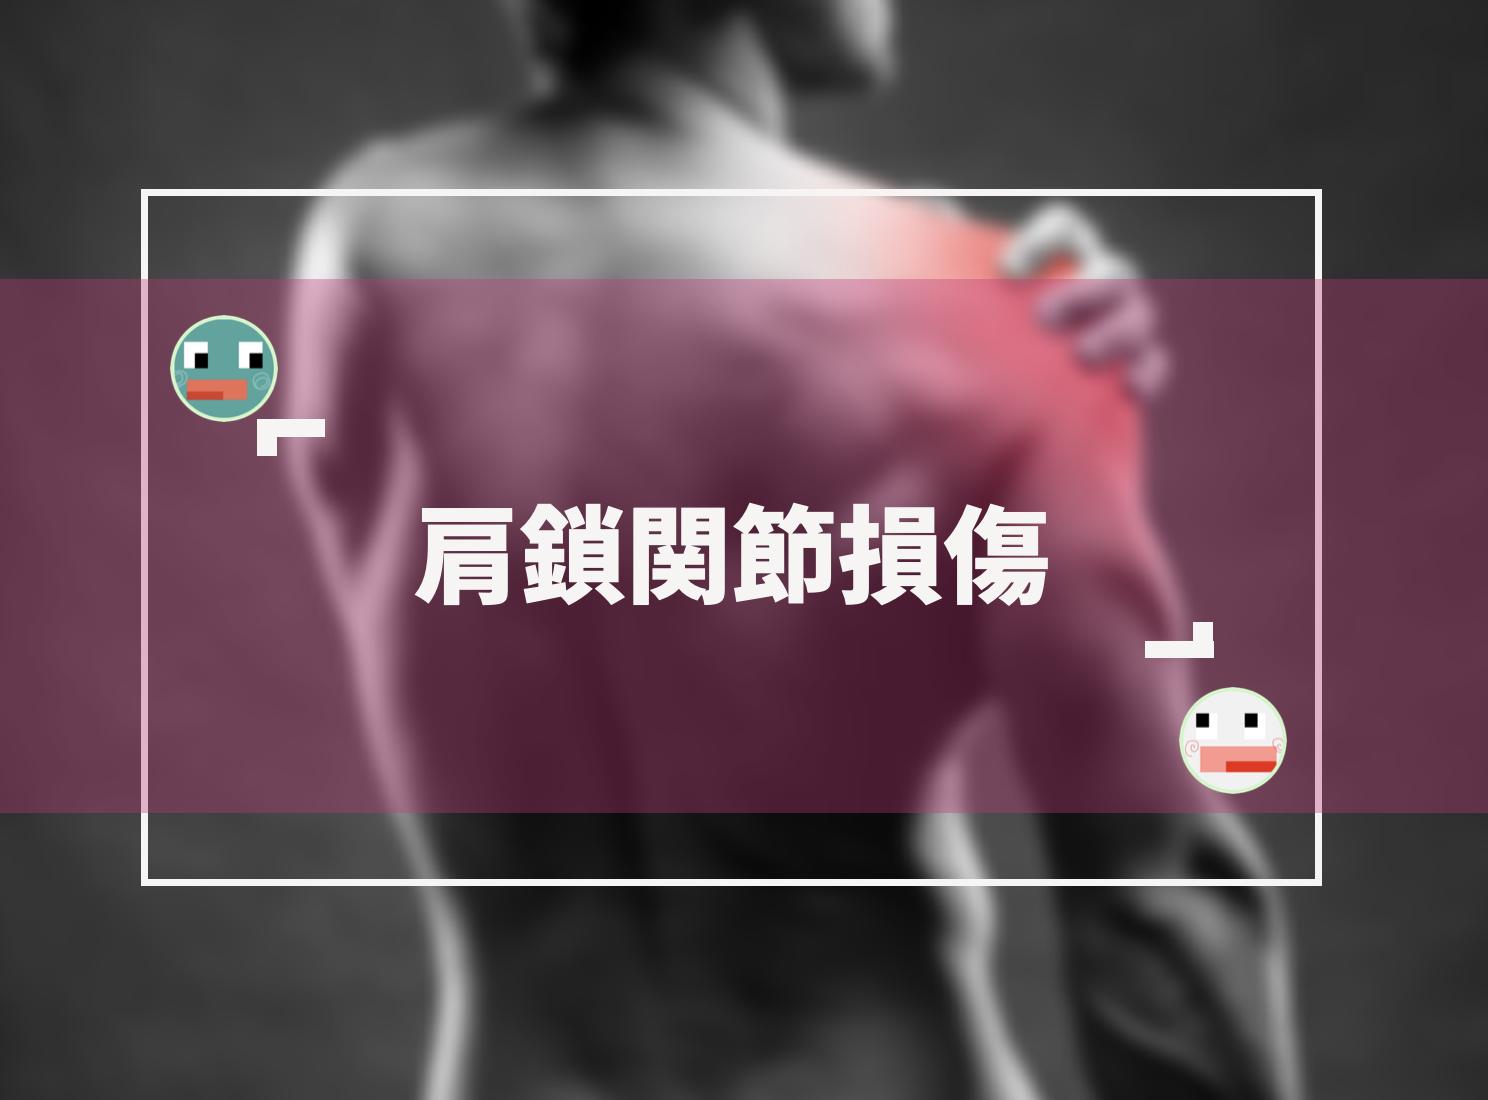 肩鎖関節損傷の基礎